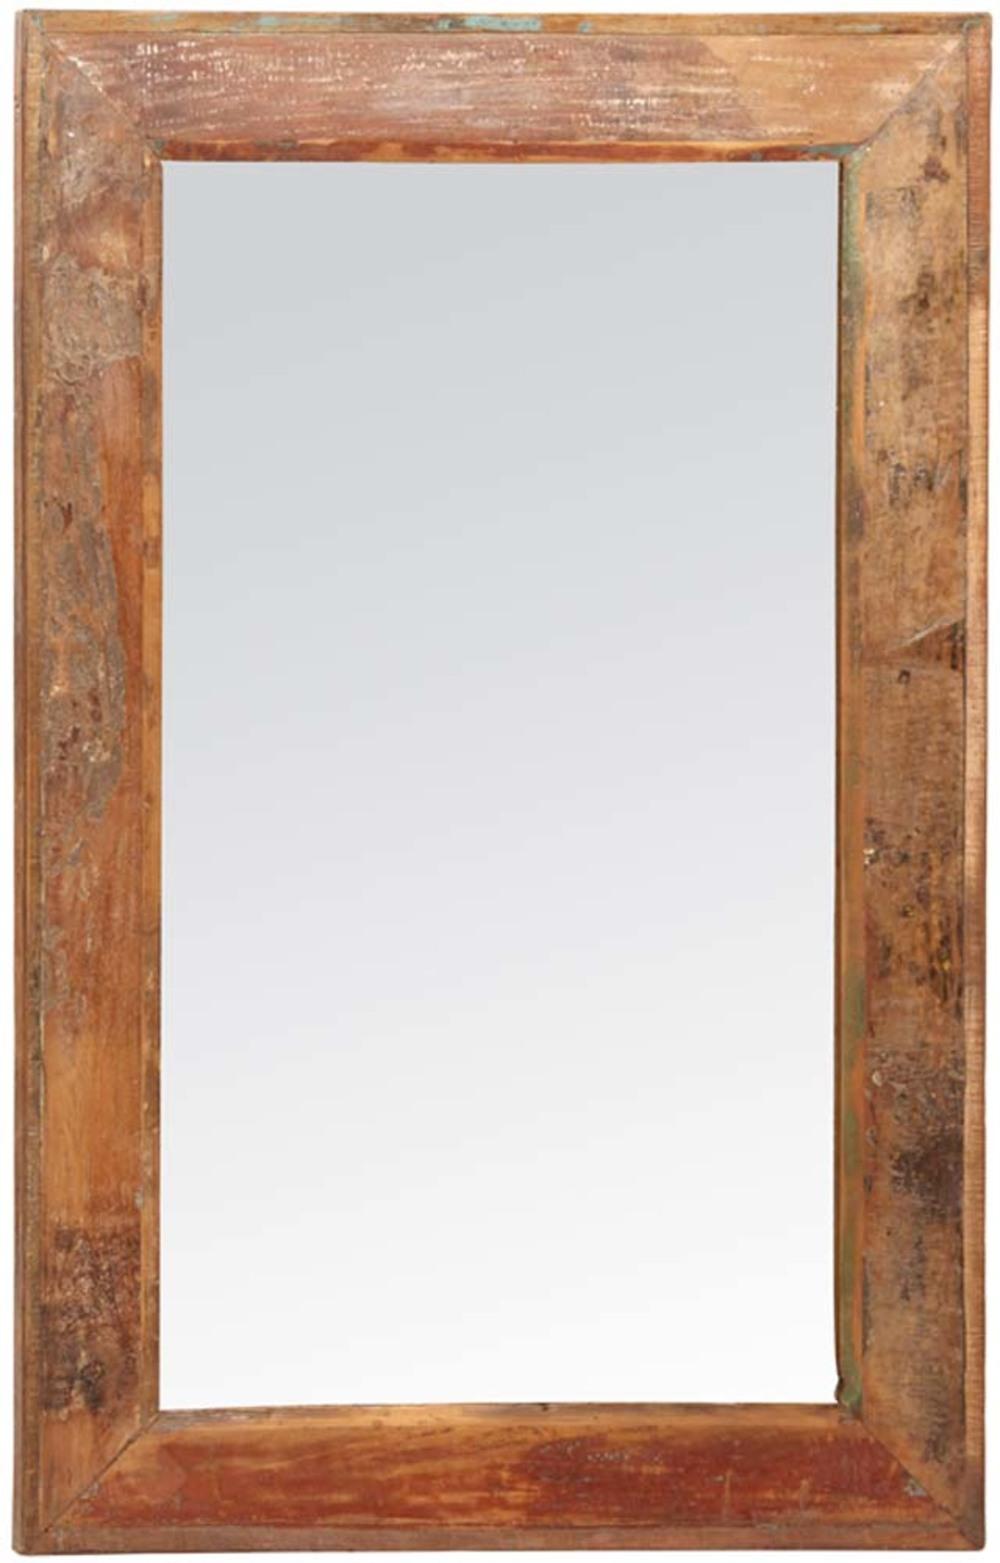 Dovetail Furniture - Nantucket Rectangular Mirror